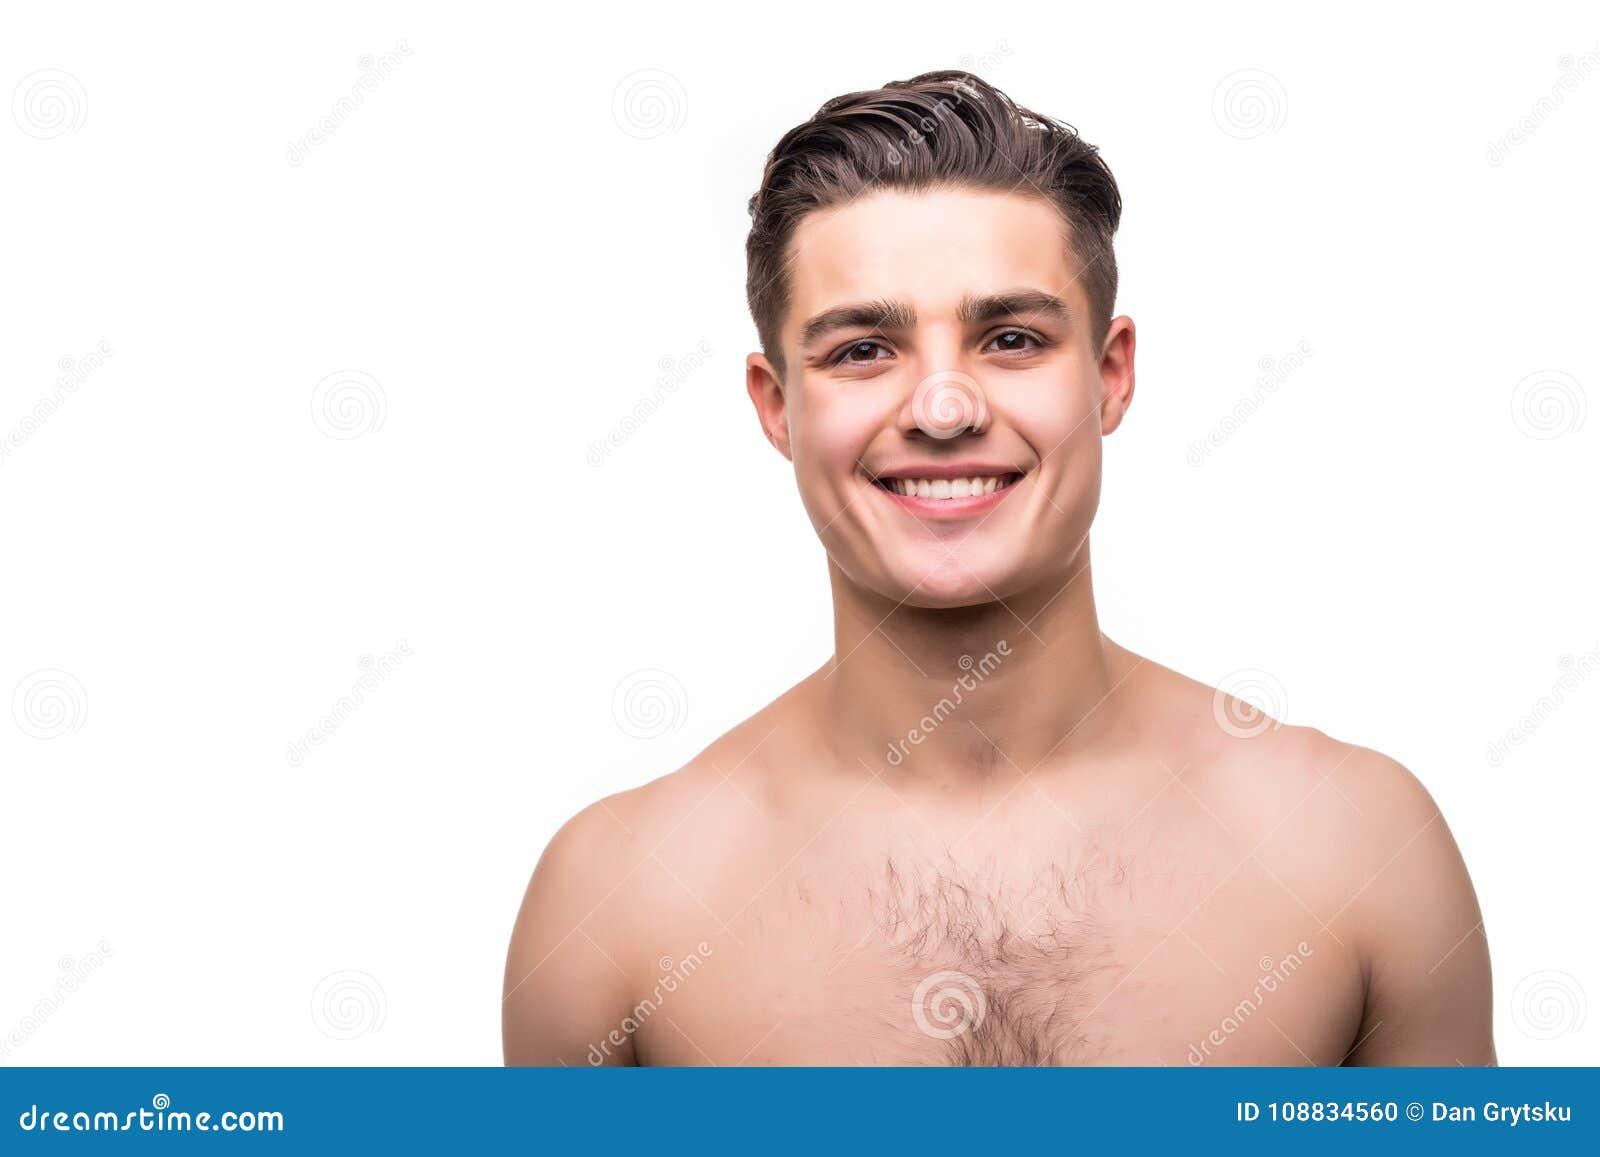 Zamyka w górę portreta przystojny toples mężczyzna odizolowywający na białym tle